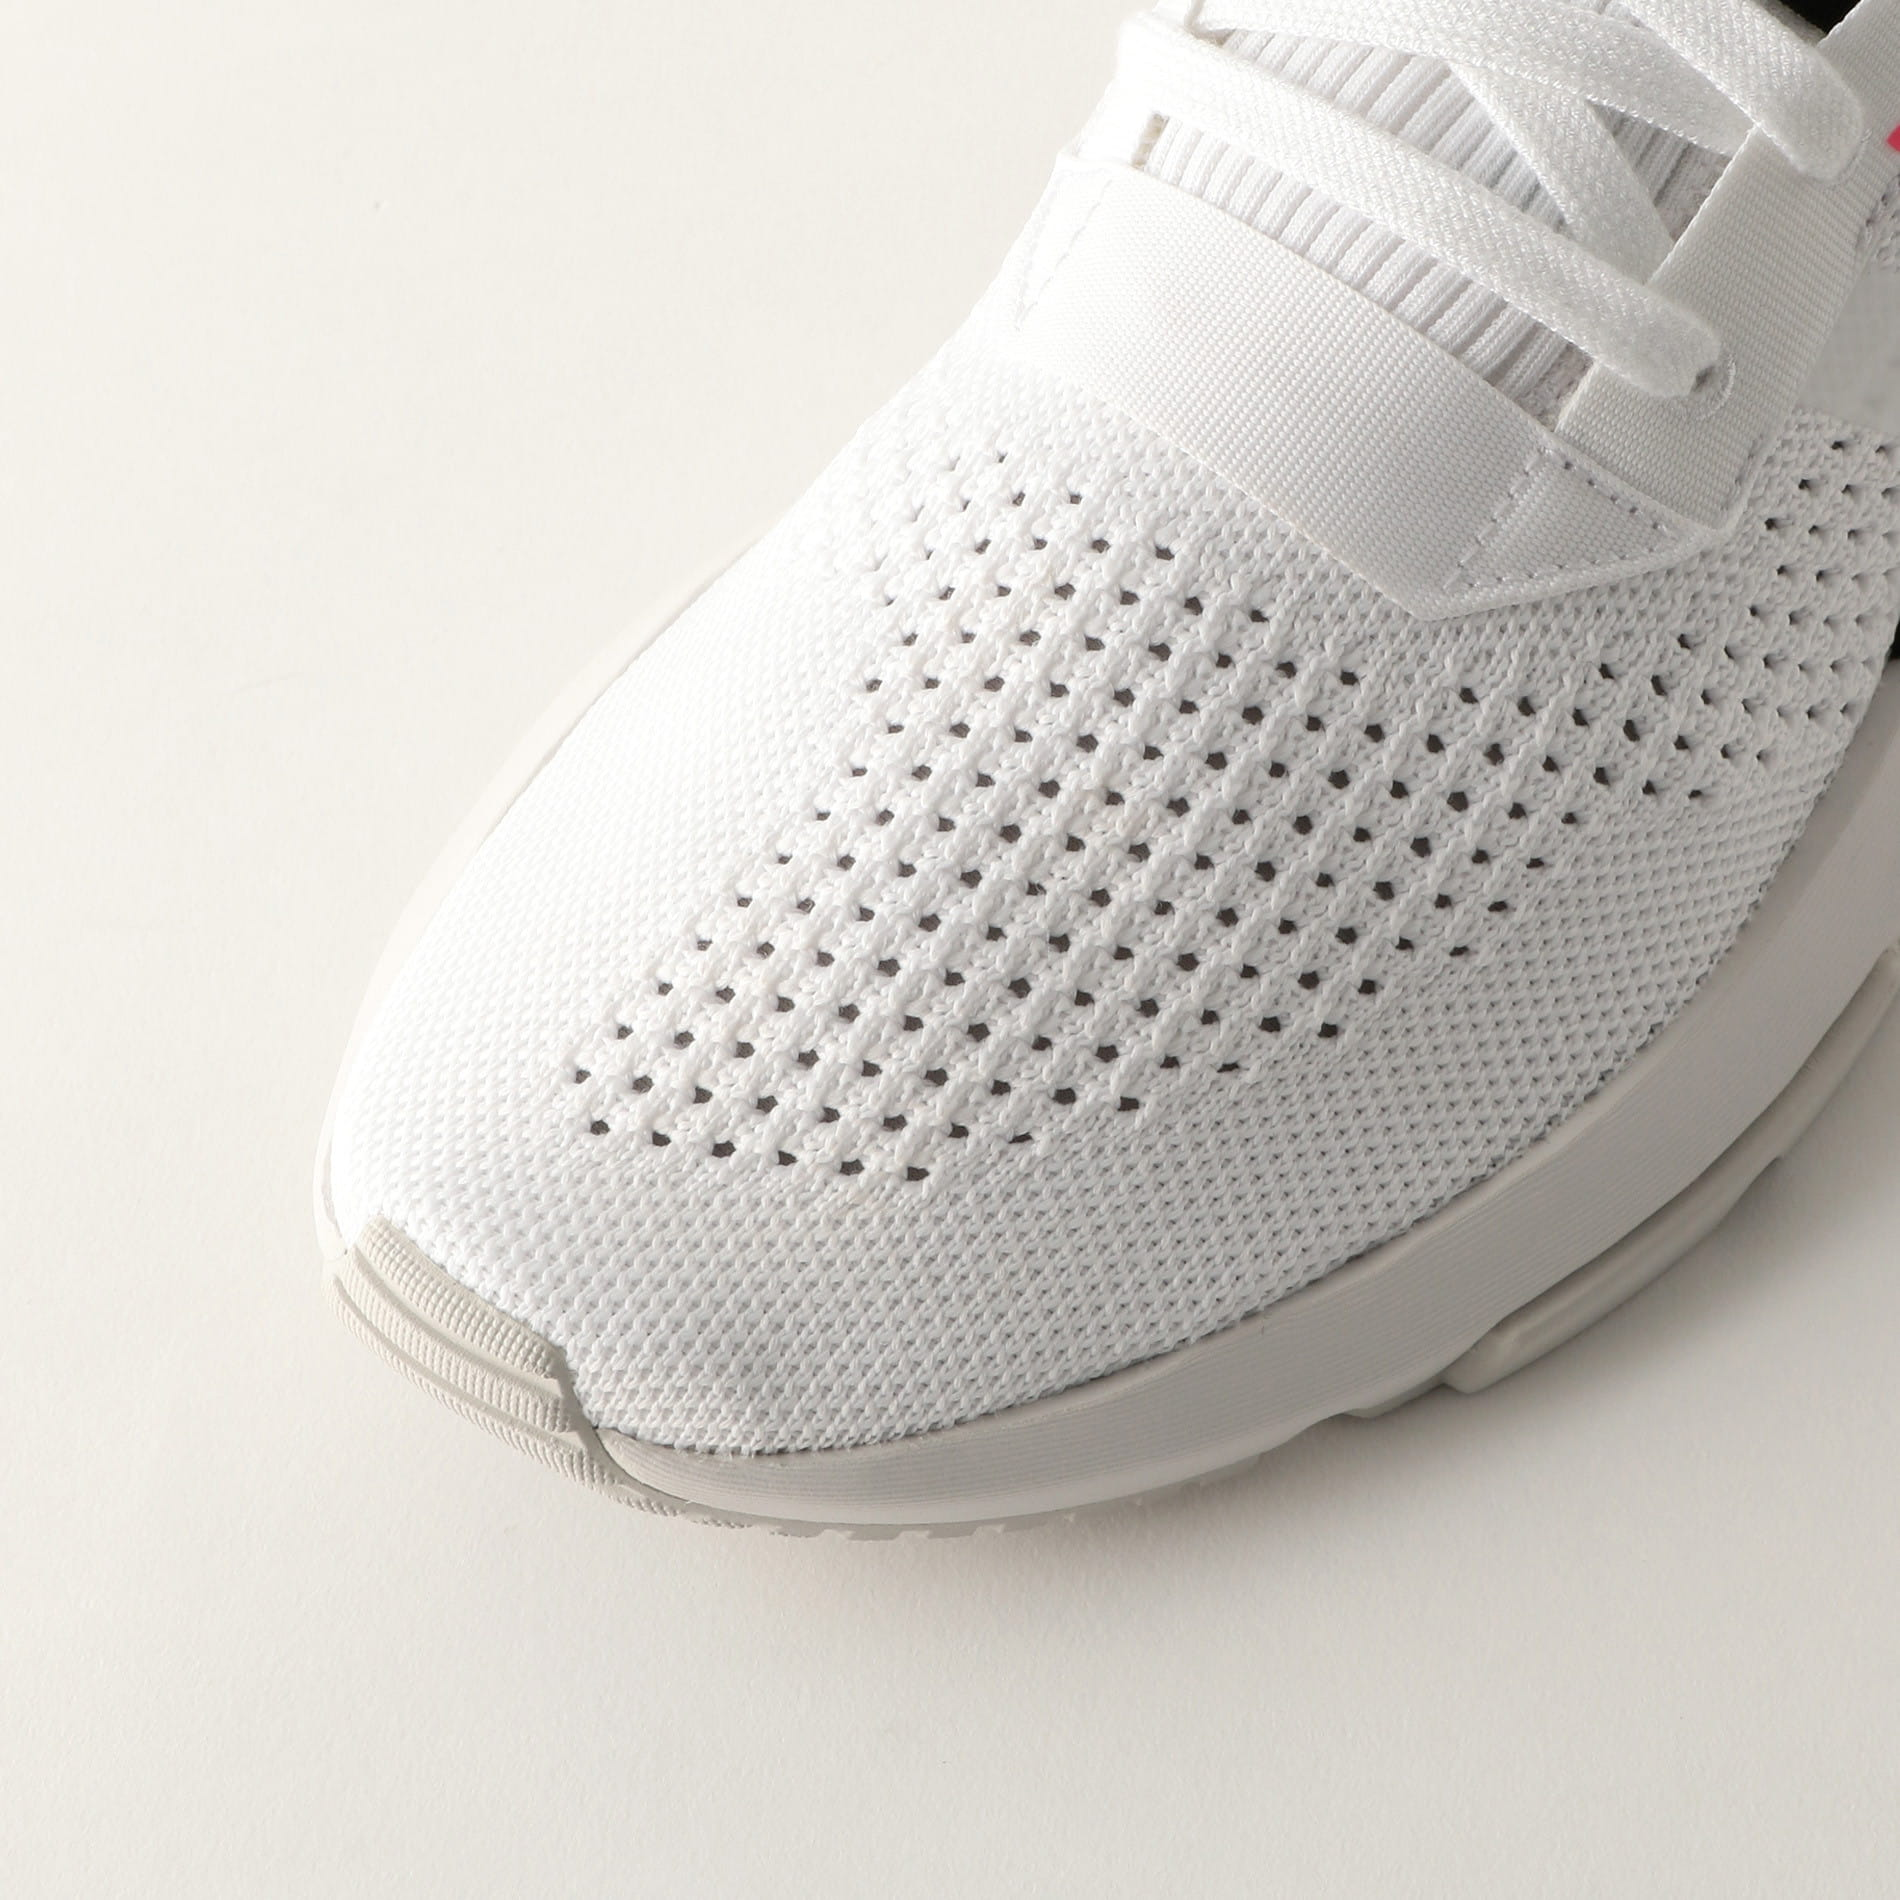 【adidas】MEN POD-S3.1 DB3537